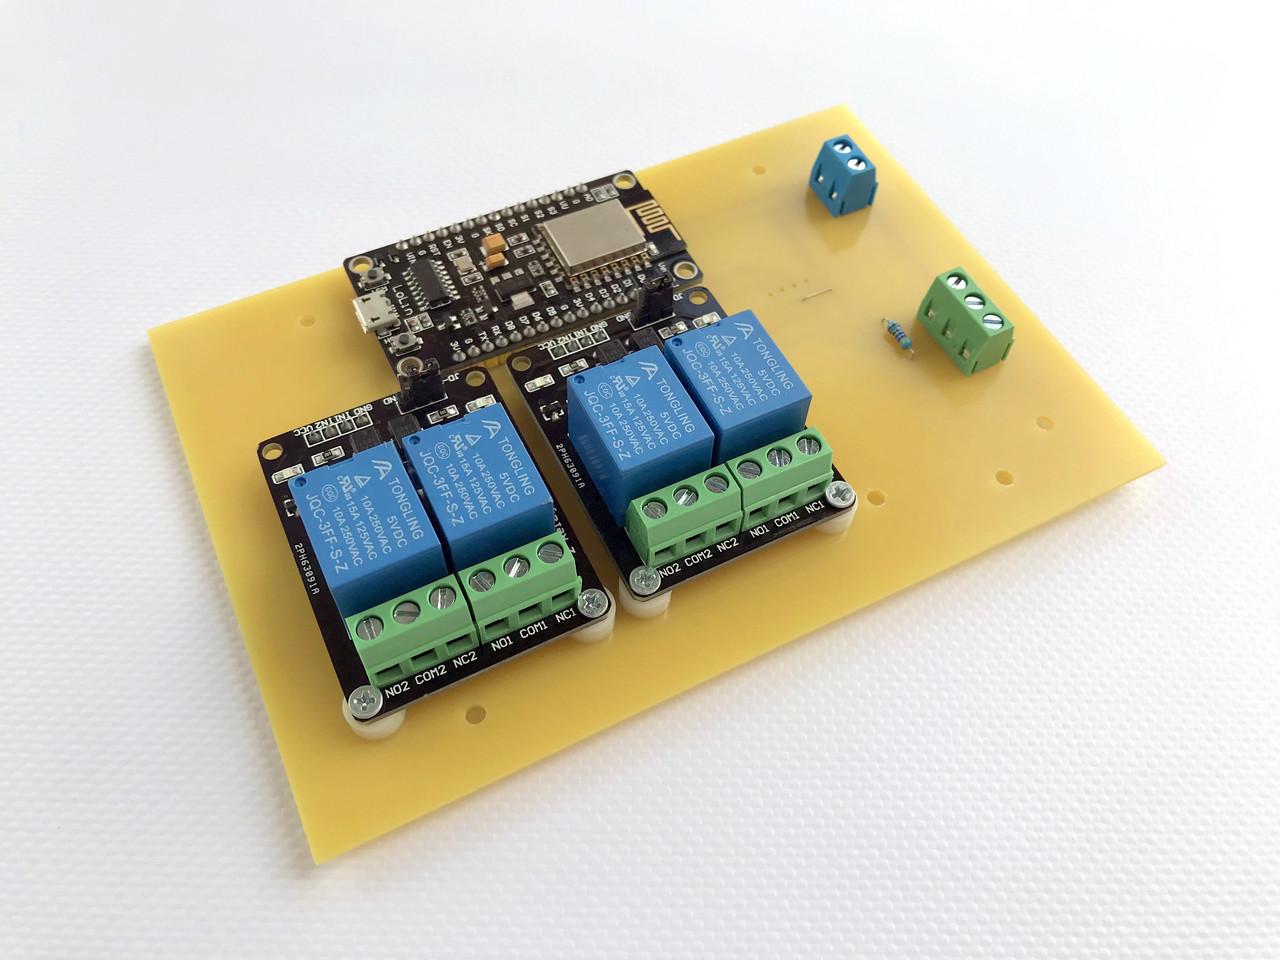 Умный дом WiFi контроллер для управления электроприборами, свет, тепло